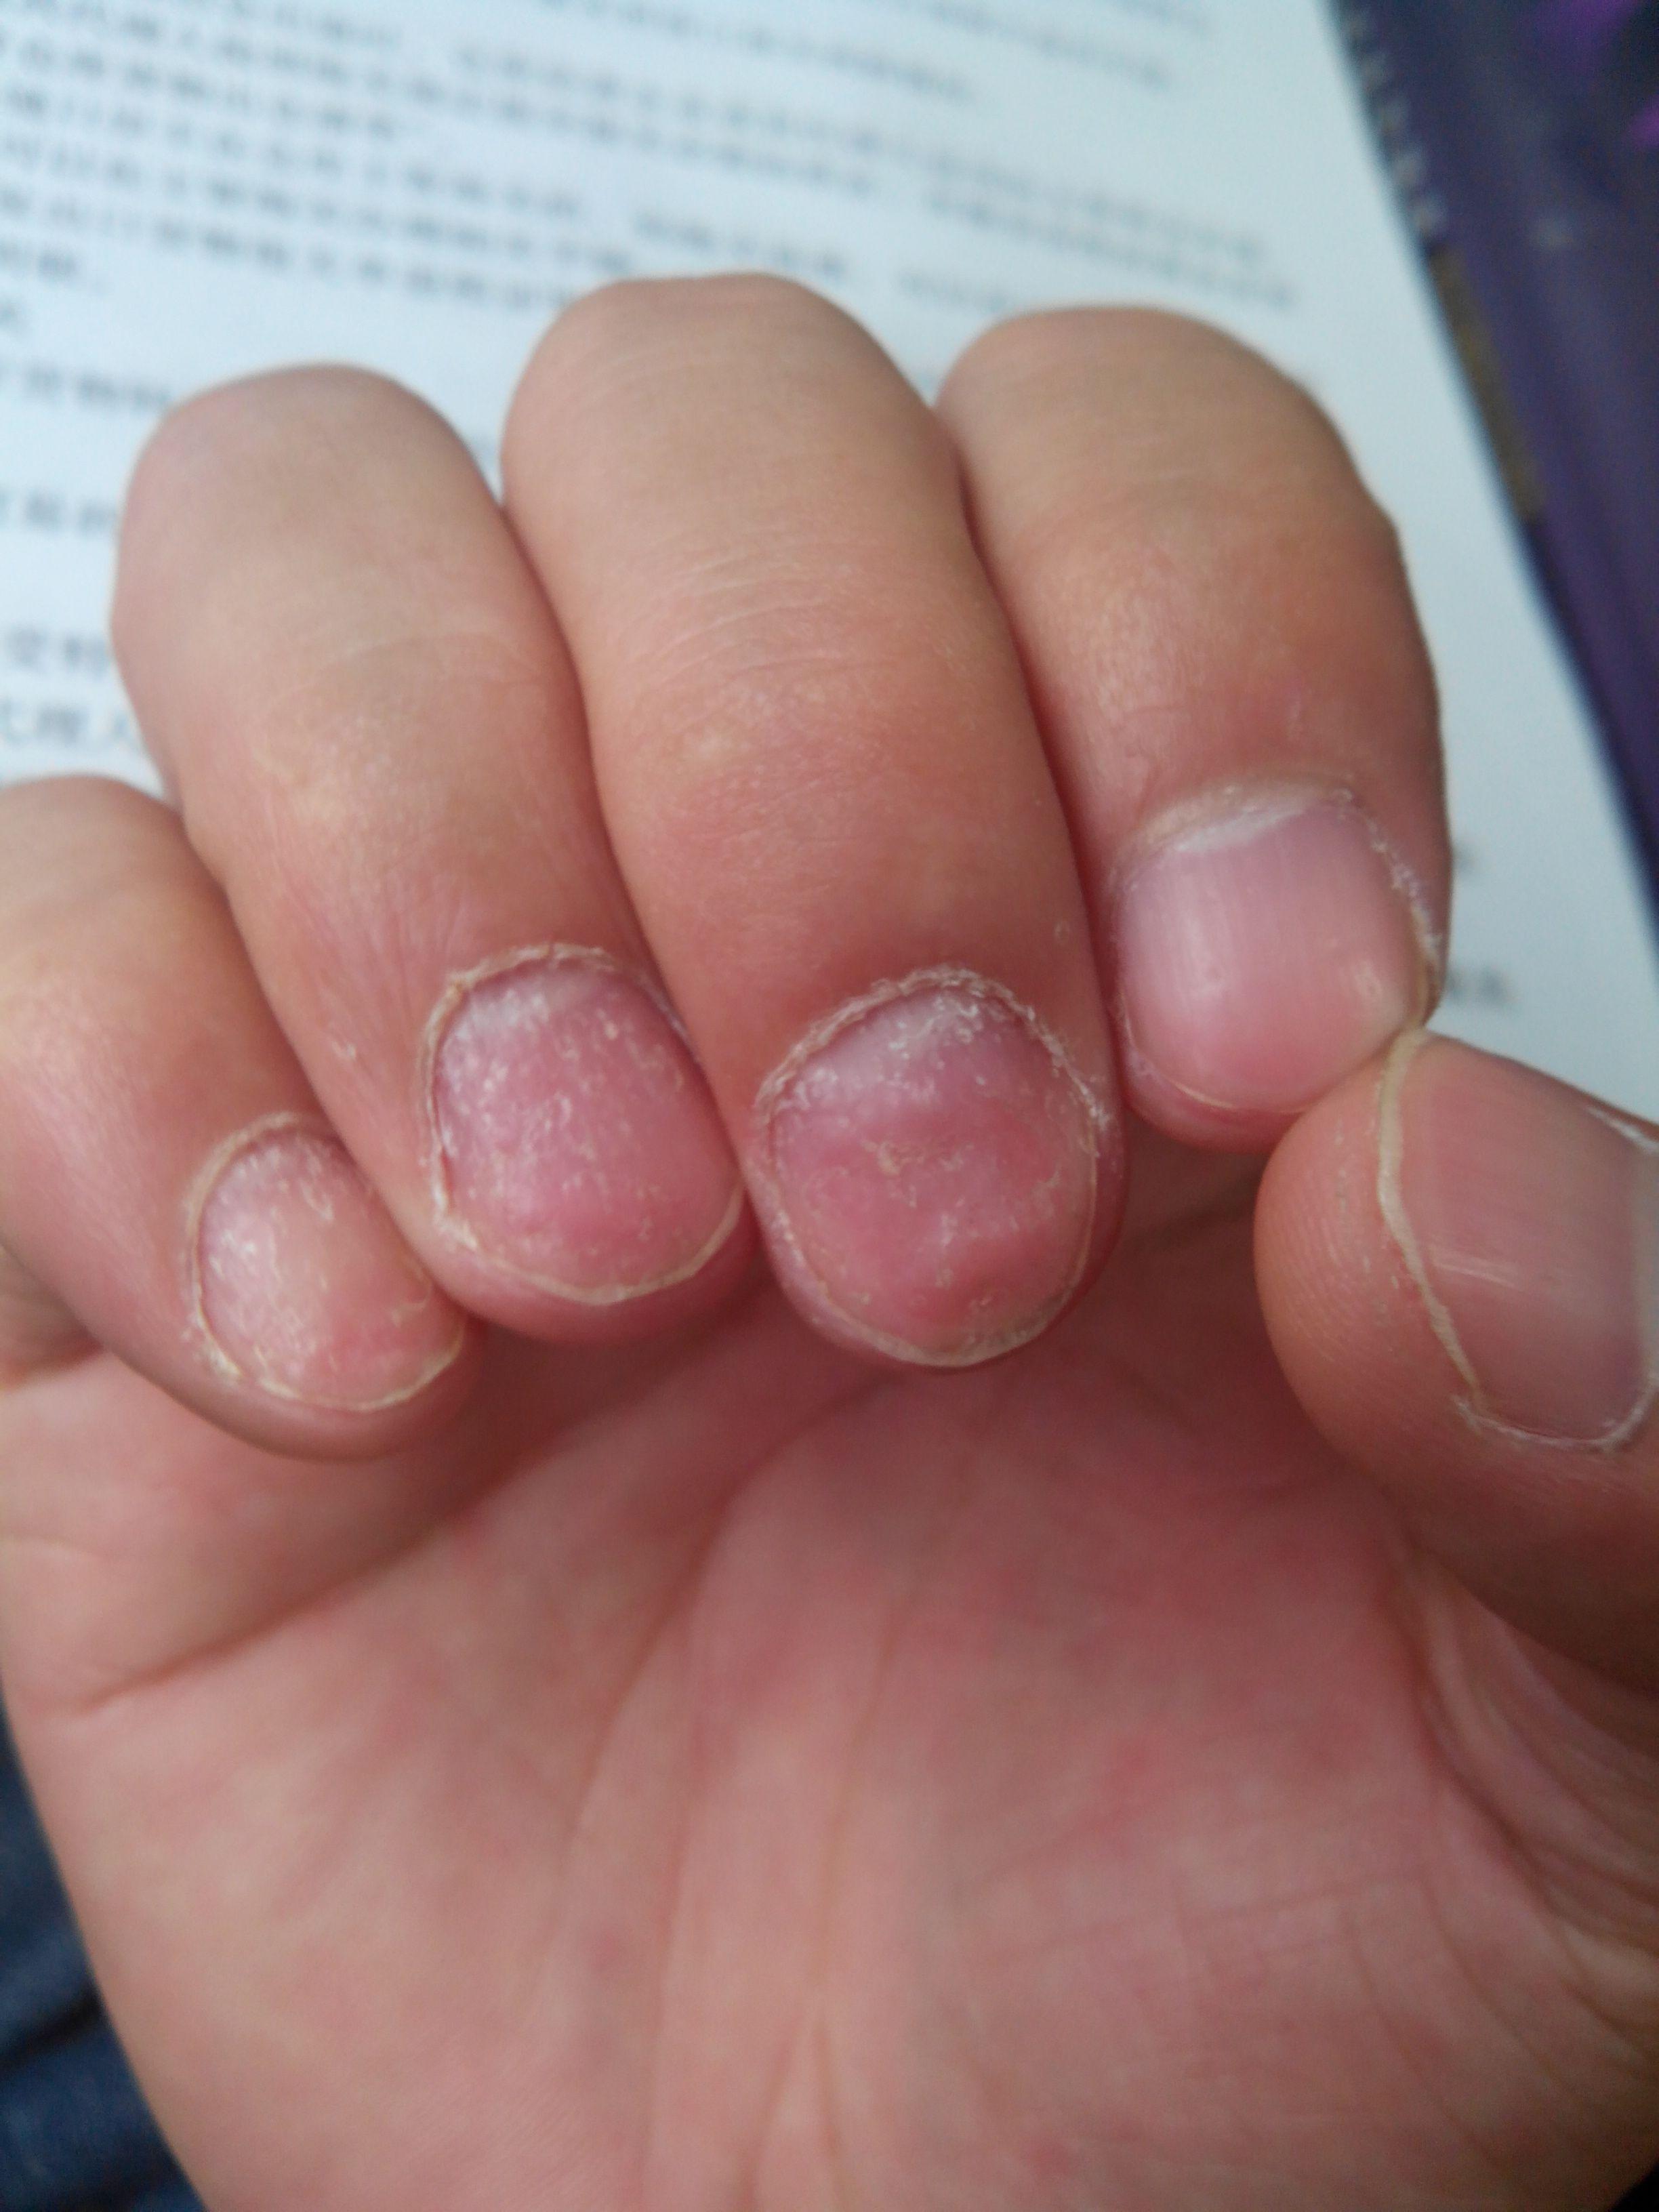 灰指甲用啥药好_我的手指甲是不是灰指甲?_百度知道